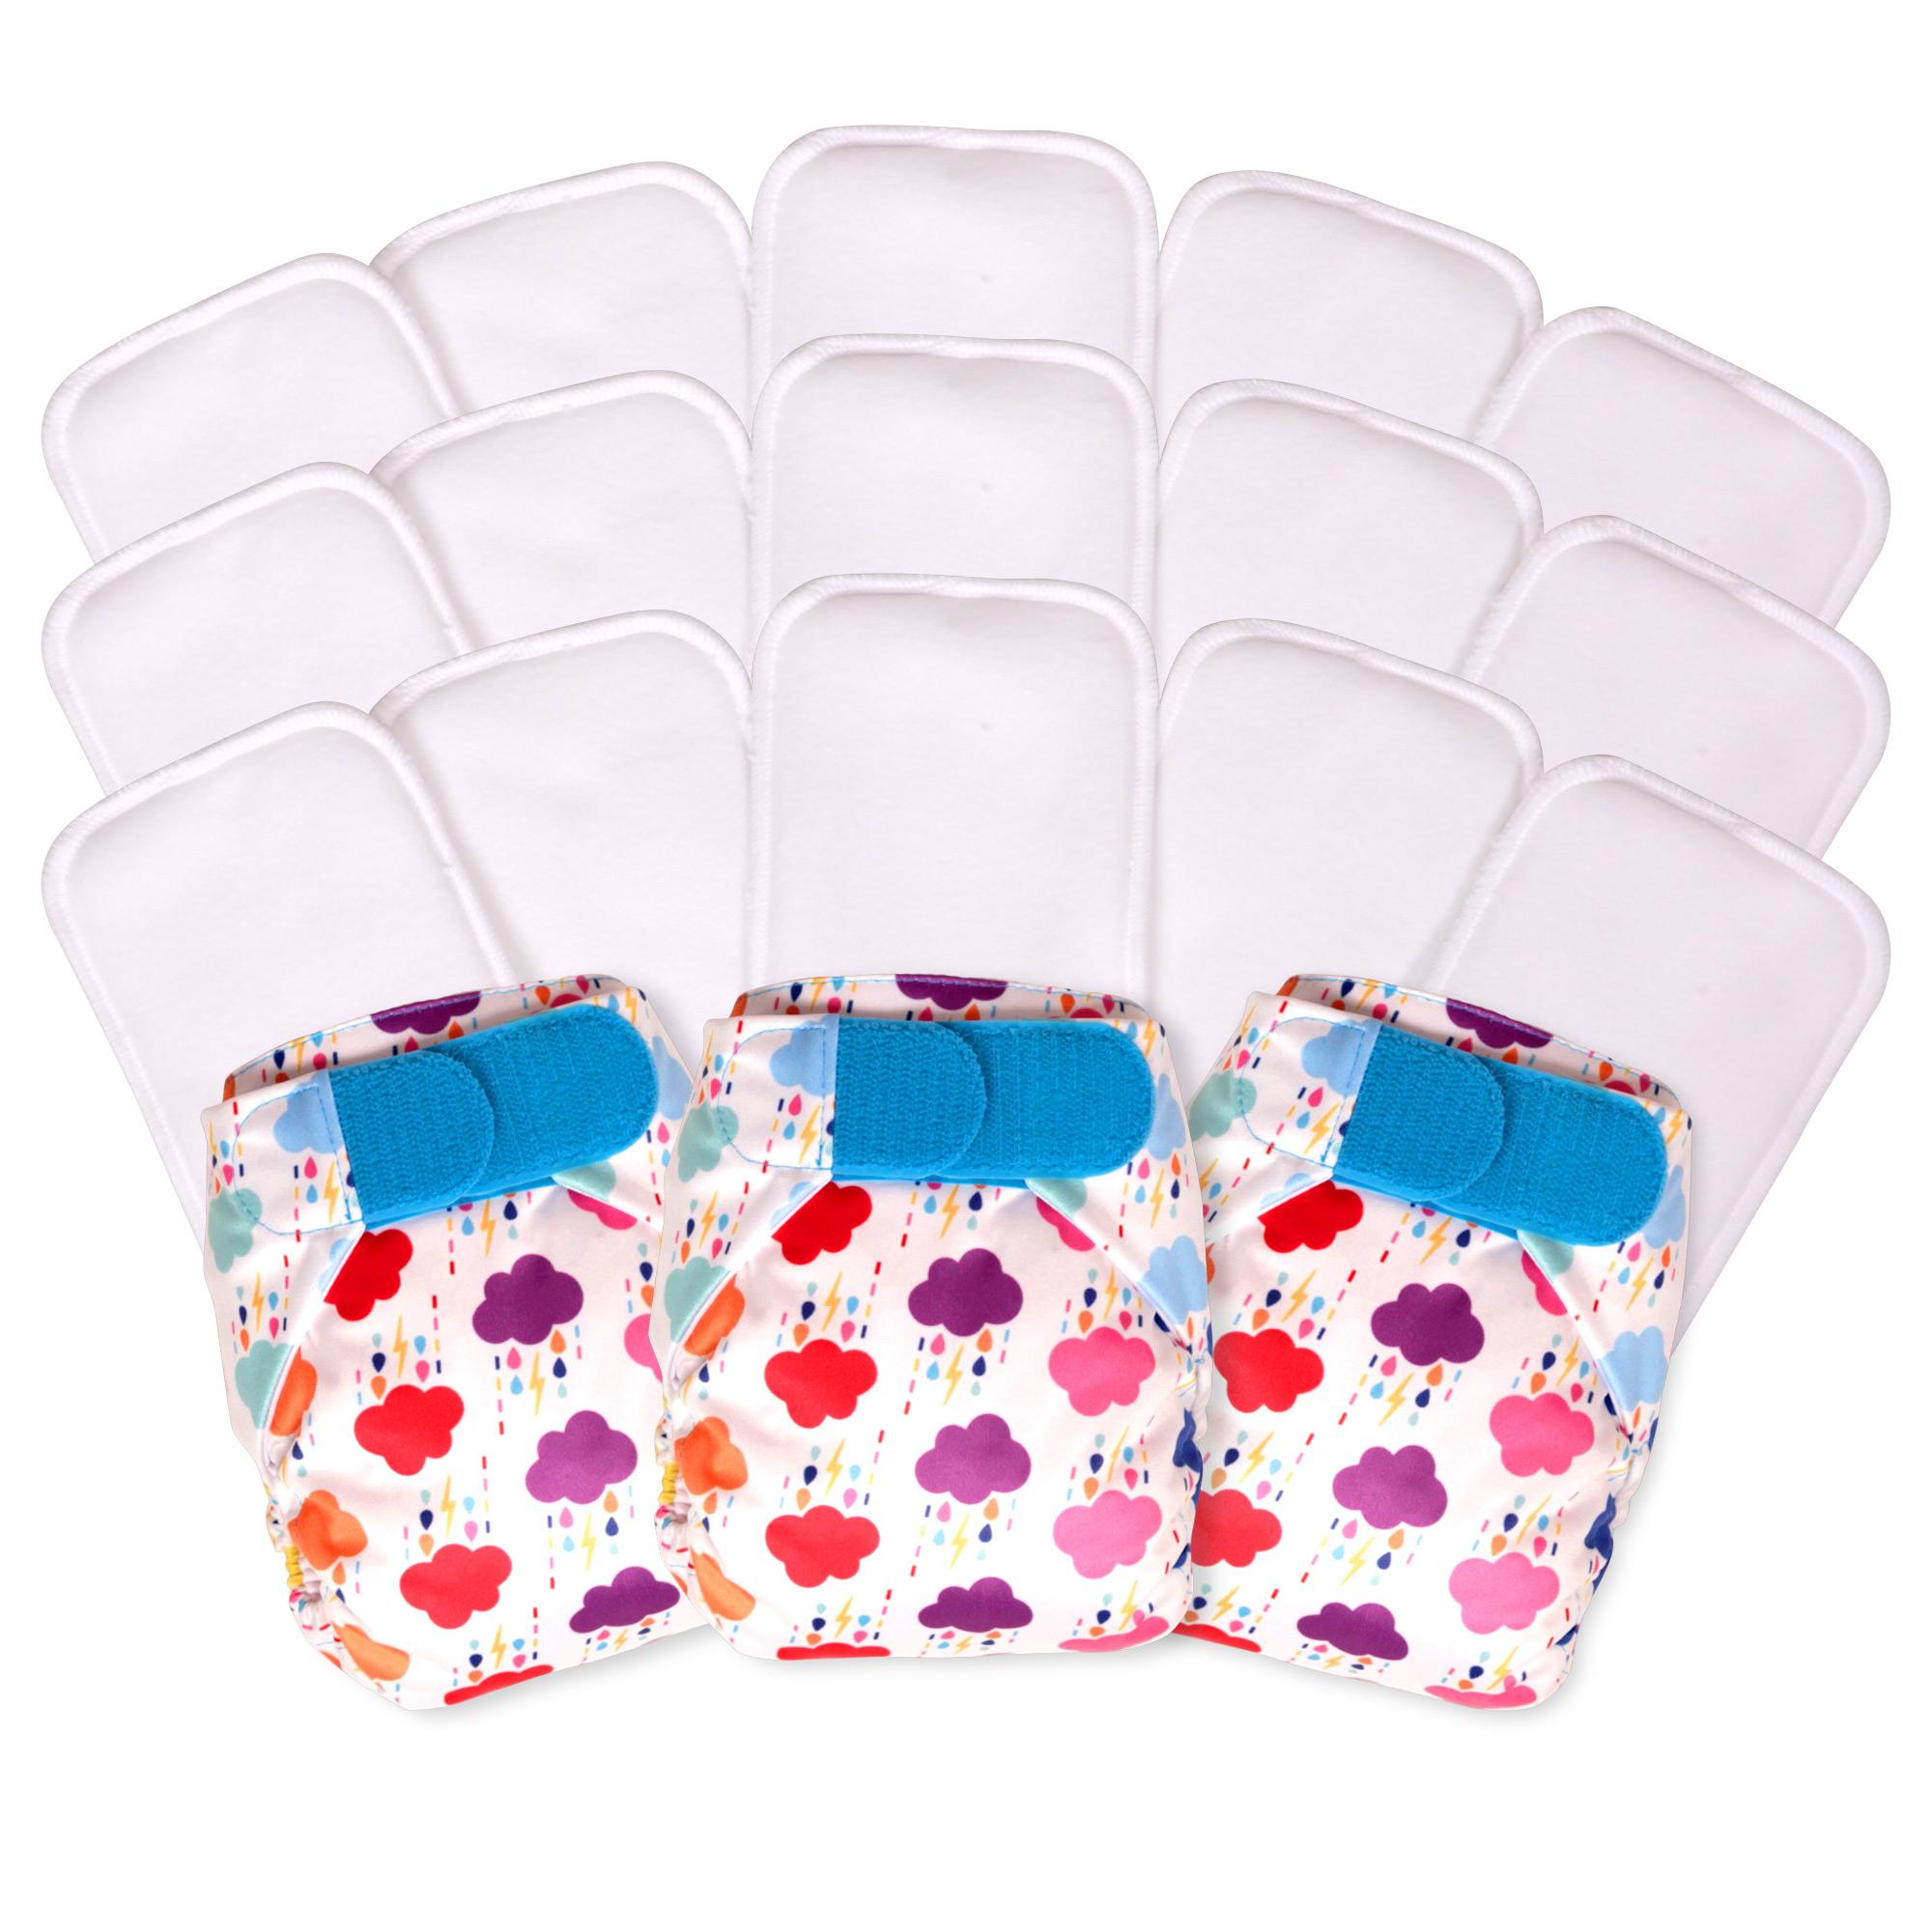 15 pack newborn nappies